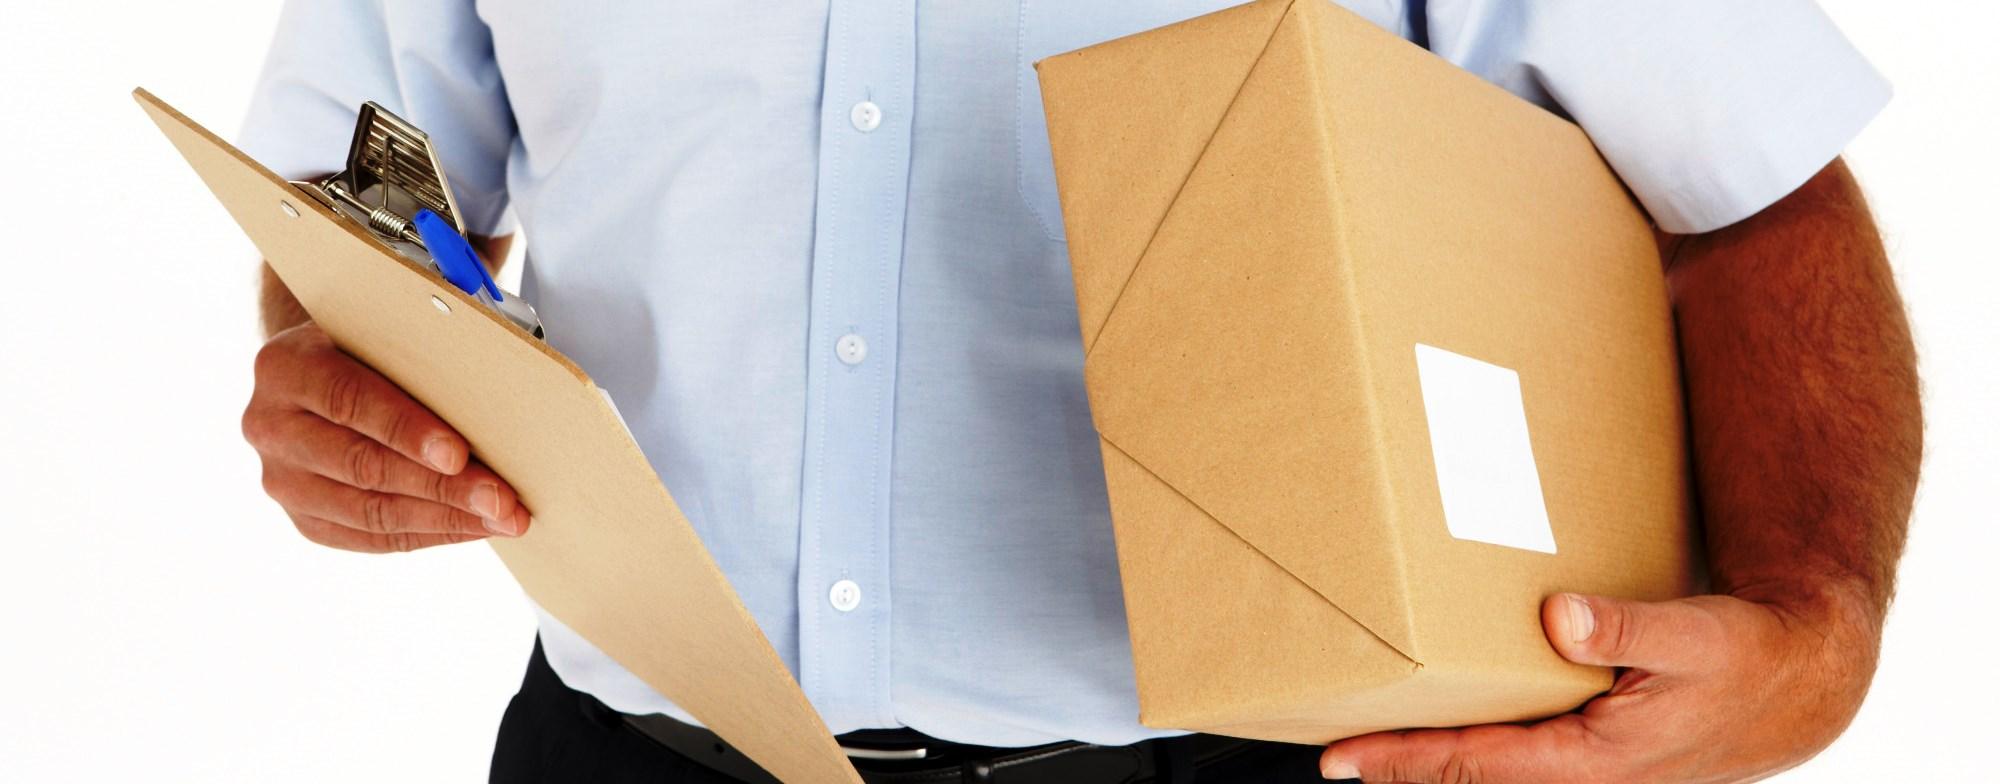 Изменение адреса доставки документов